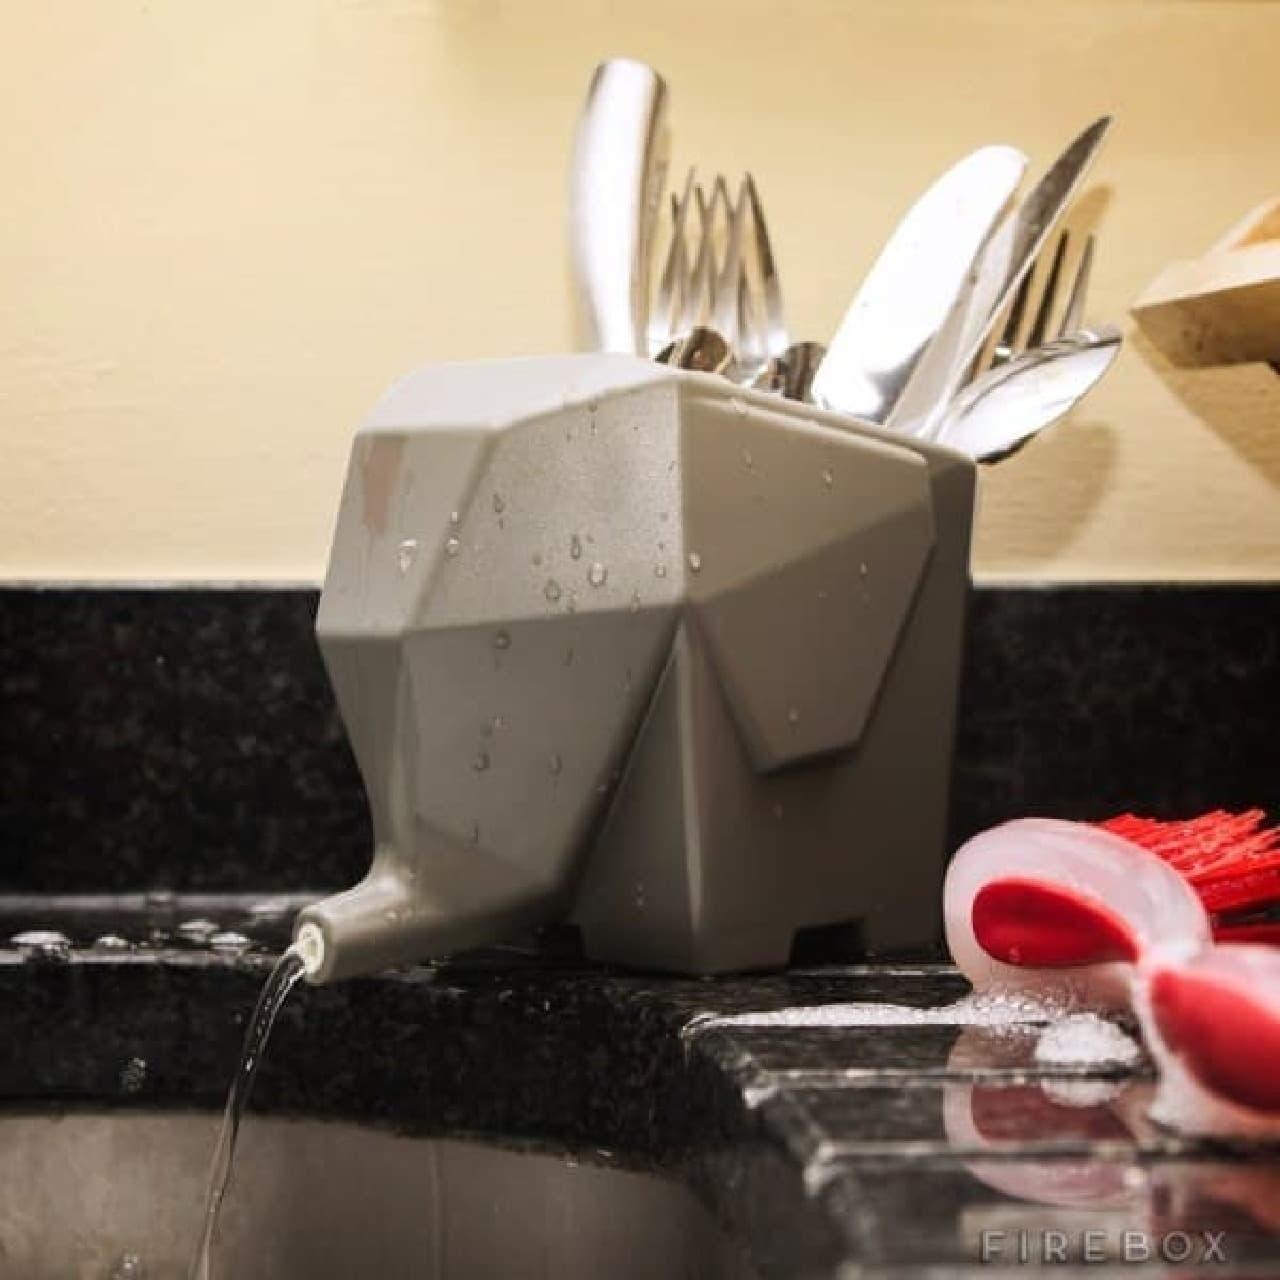 カトラリー用、ゾウさん型水切りラック「Jumbo Cutlery Drainer」